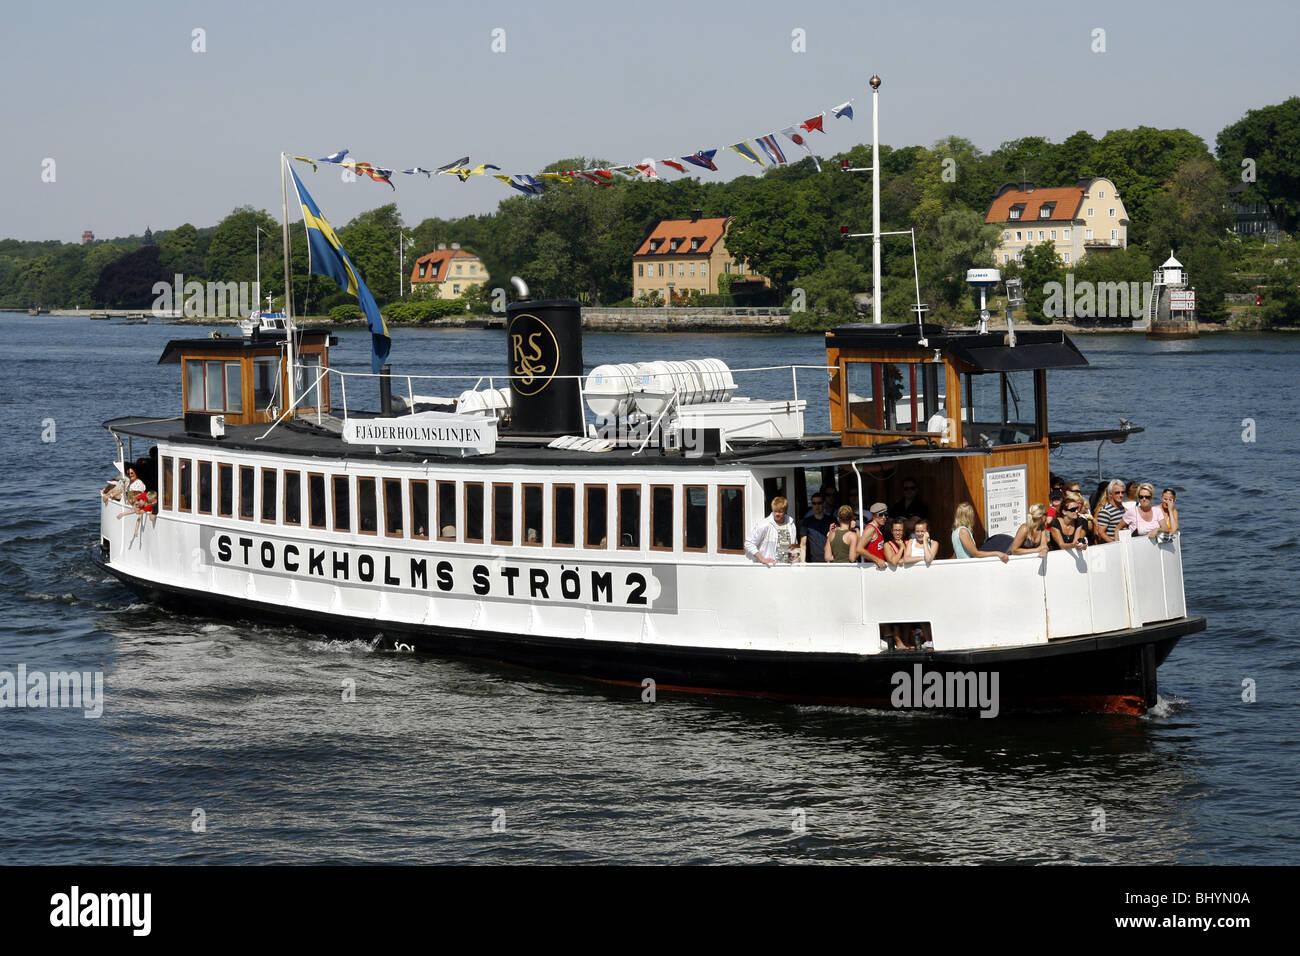 Fjäderholmslinjen Boat, Fjäderholmarna Island, Stockholm, Sweden - Stock Image